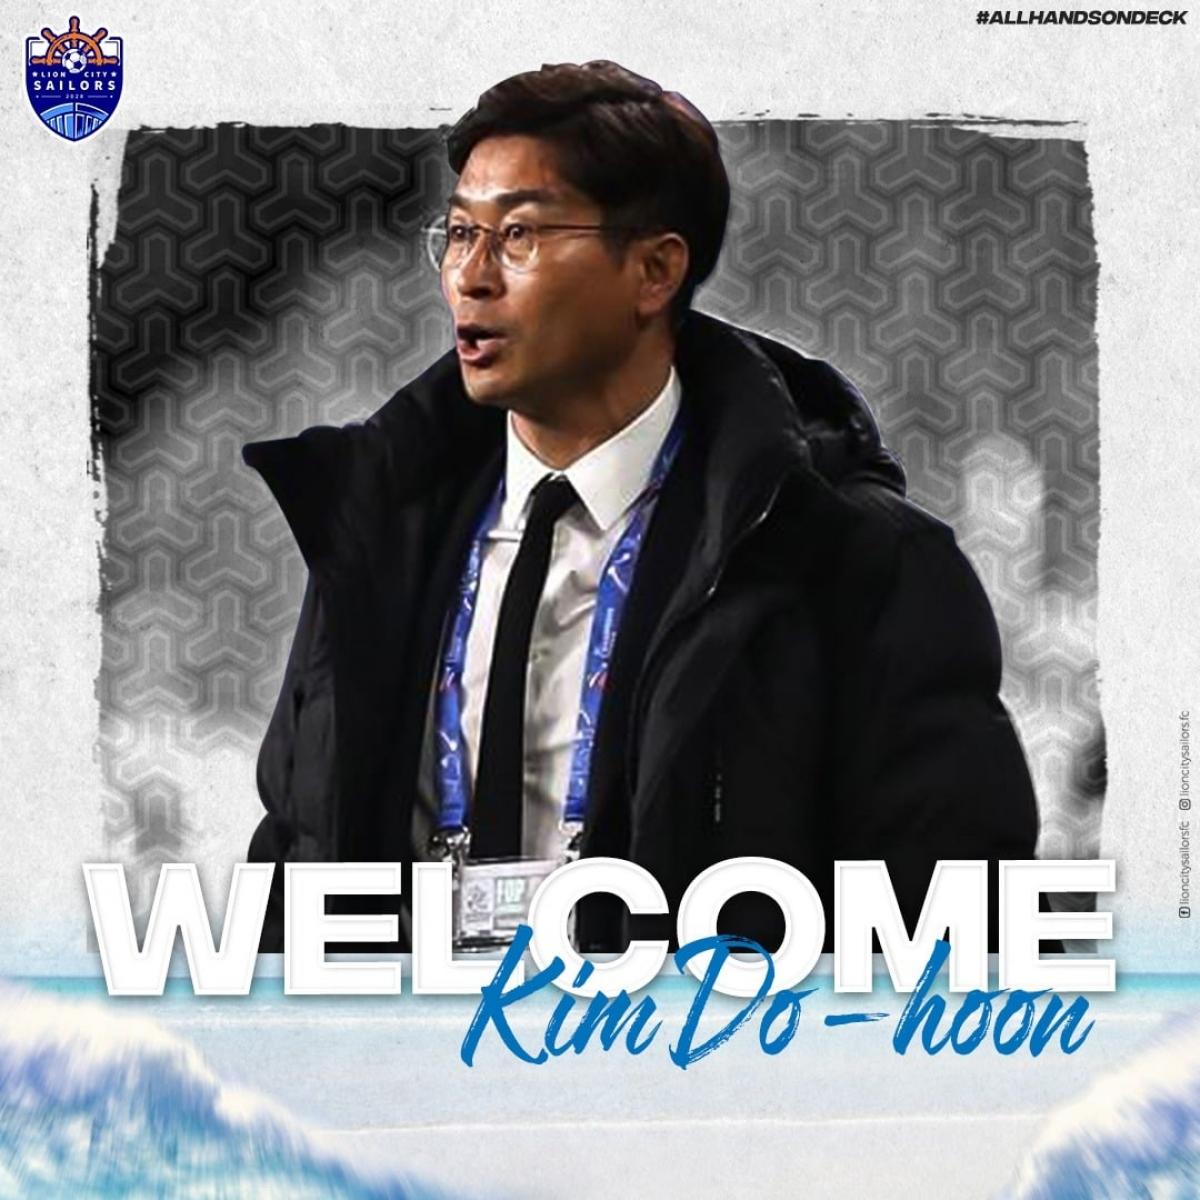 HLVKim Do-hoon sẽ dẫn dắtLion City Sailors ở mùa giải 2021.